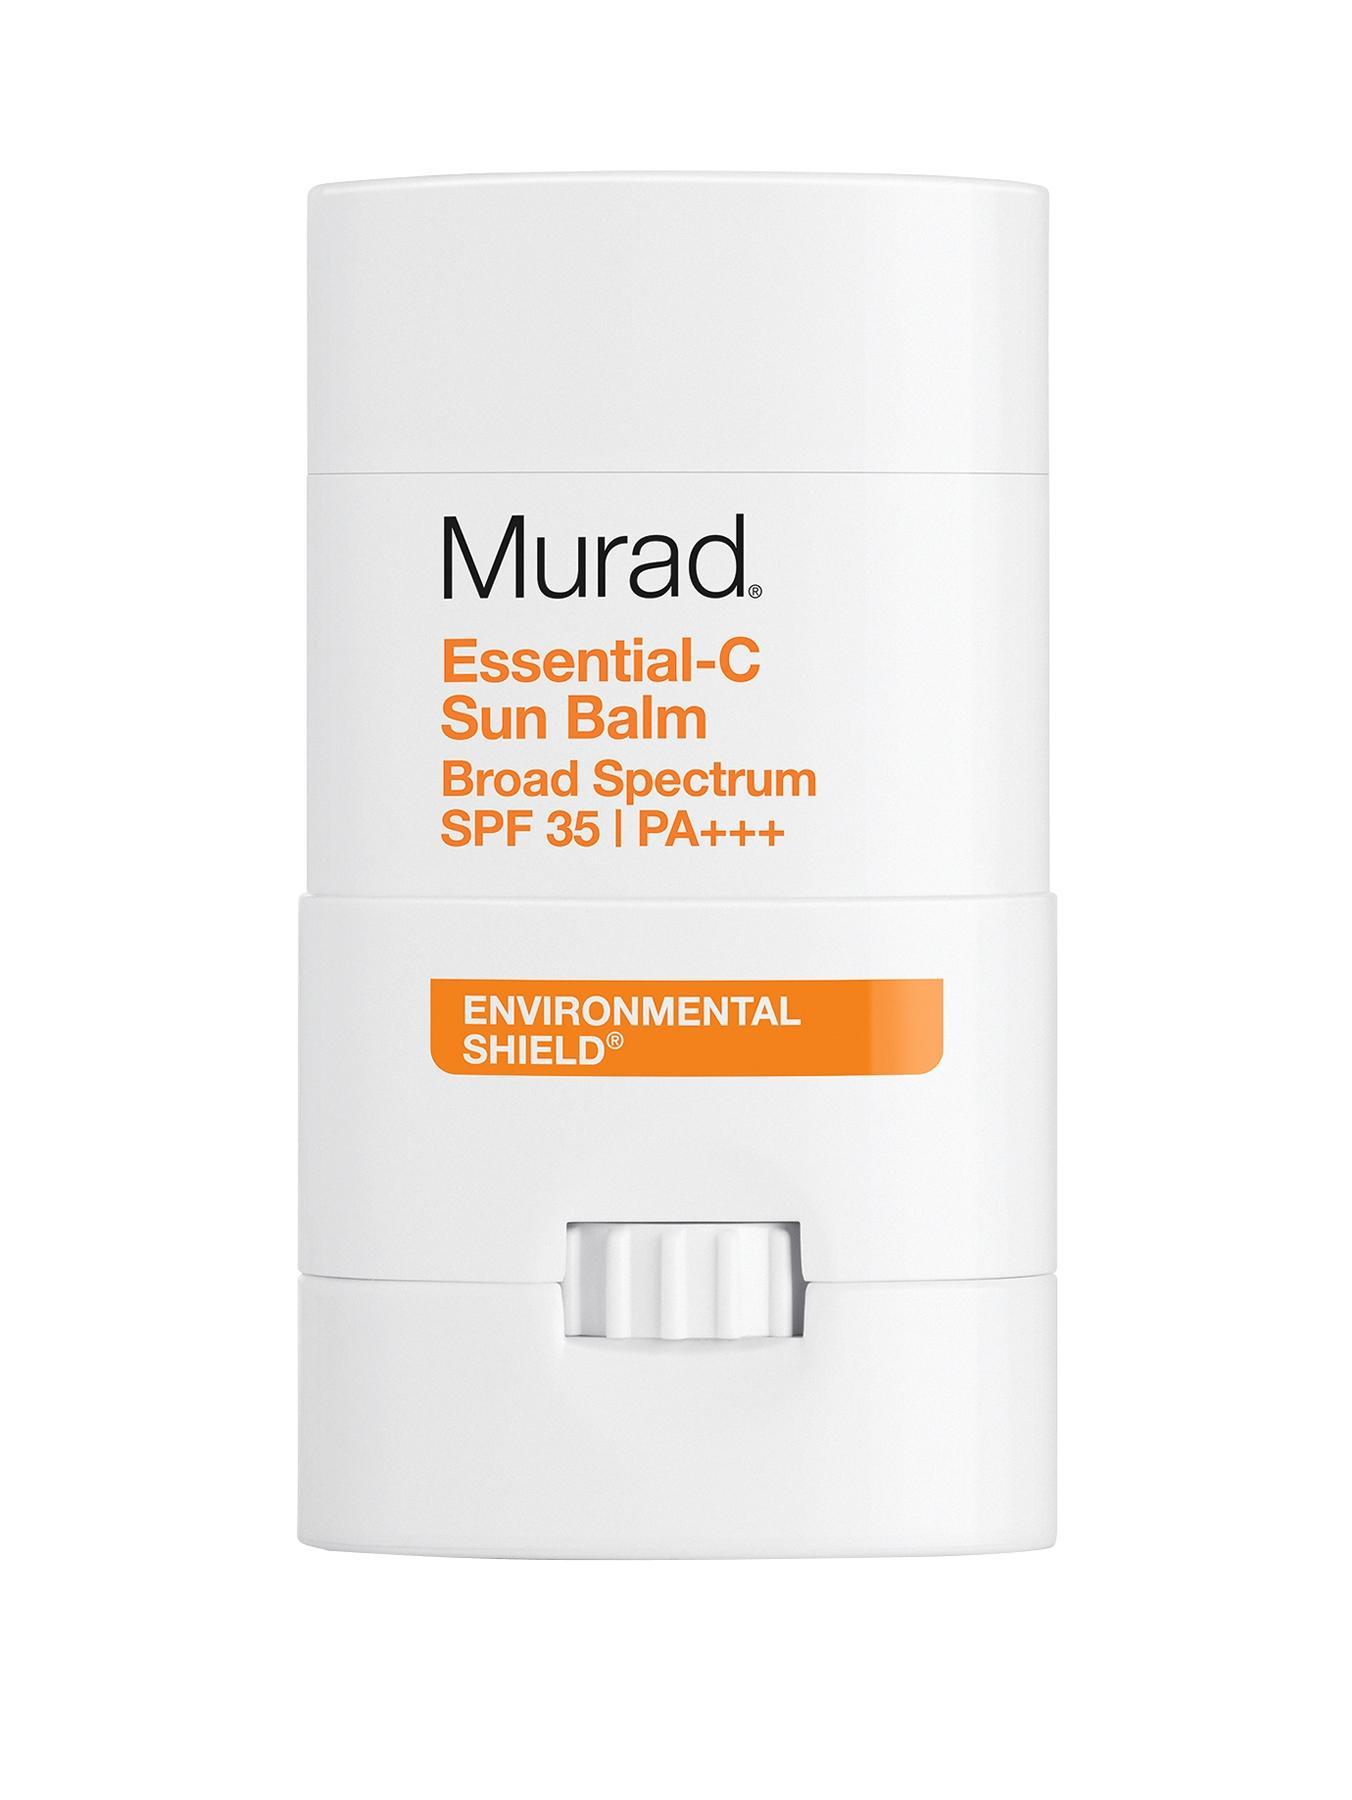 Murad Essential-C Sun Balm Broad Spectrum - SPF 35 9g